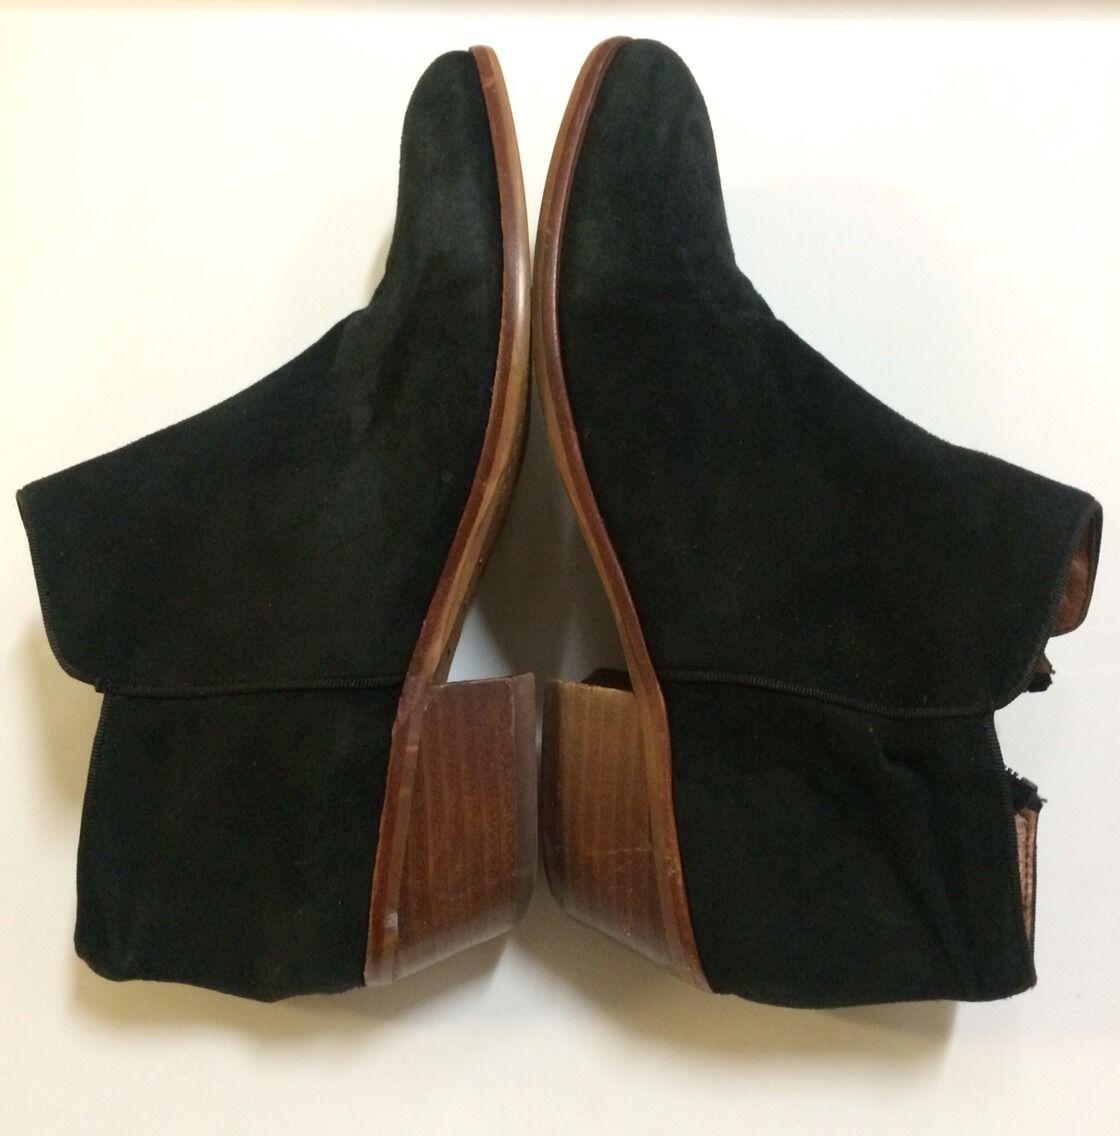 Sam Edelman Women's Black Suede Petty Ankle Ankle Ankle Boots Size 6 89d2de